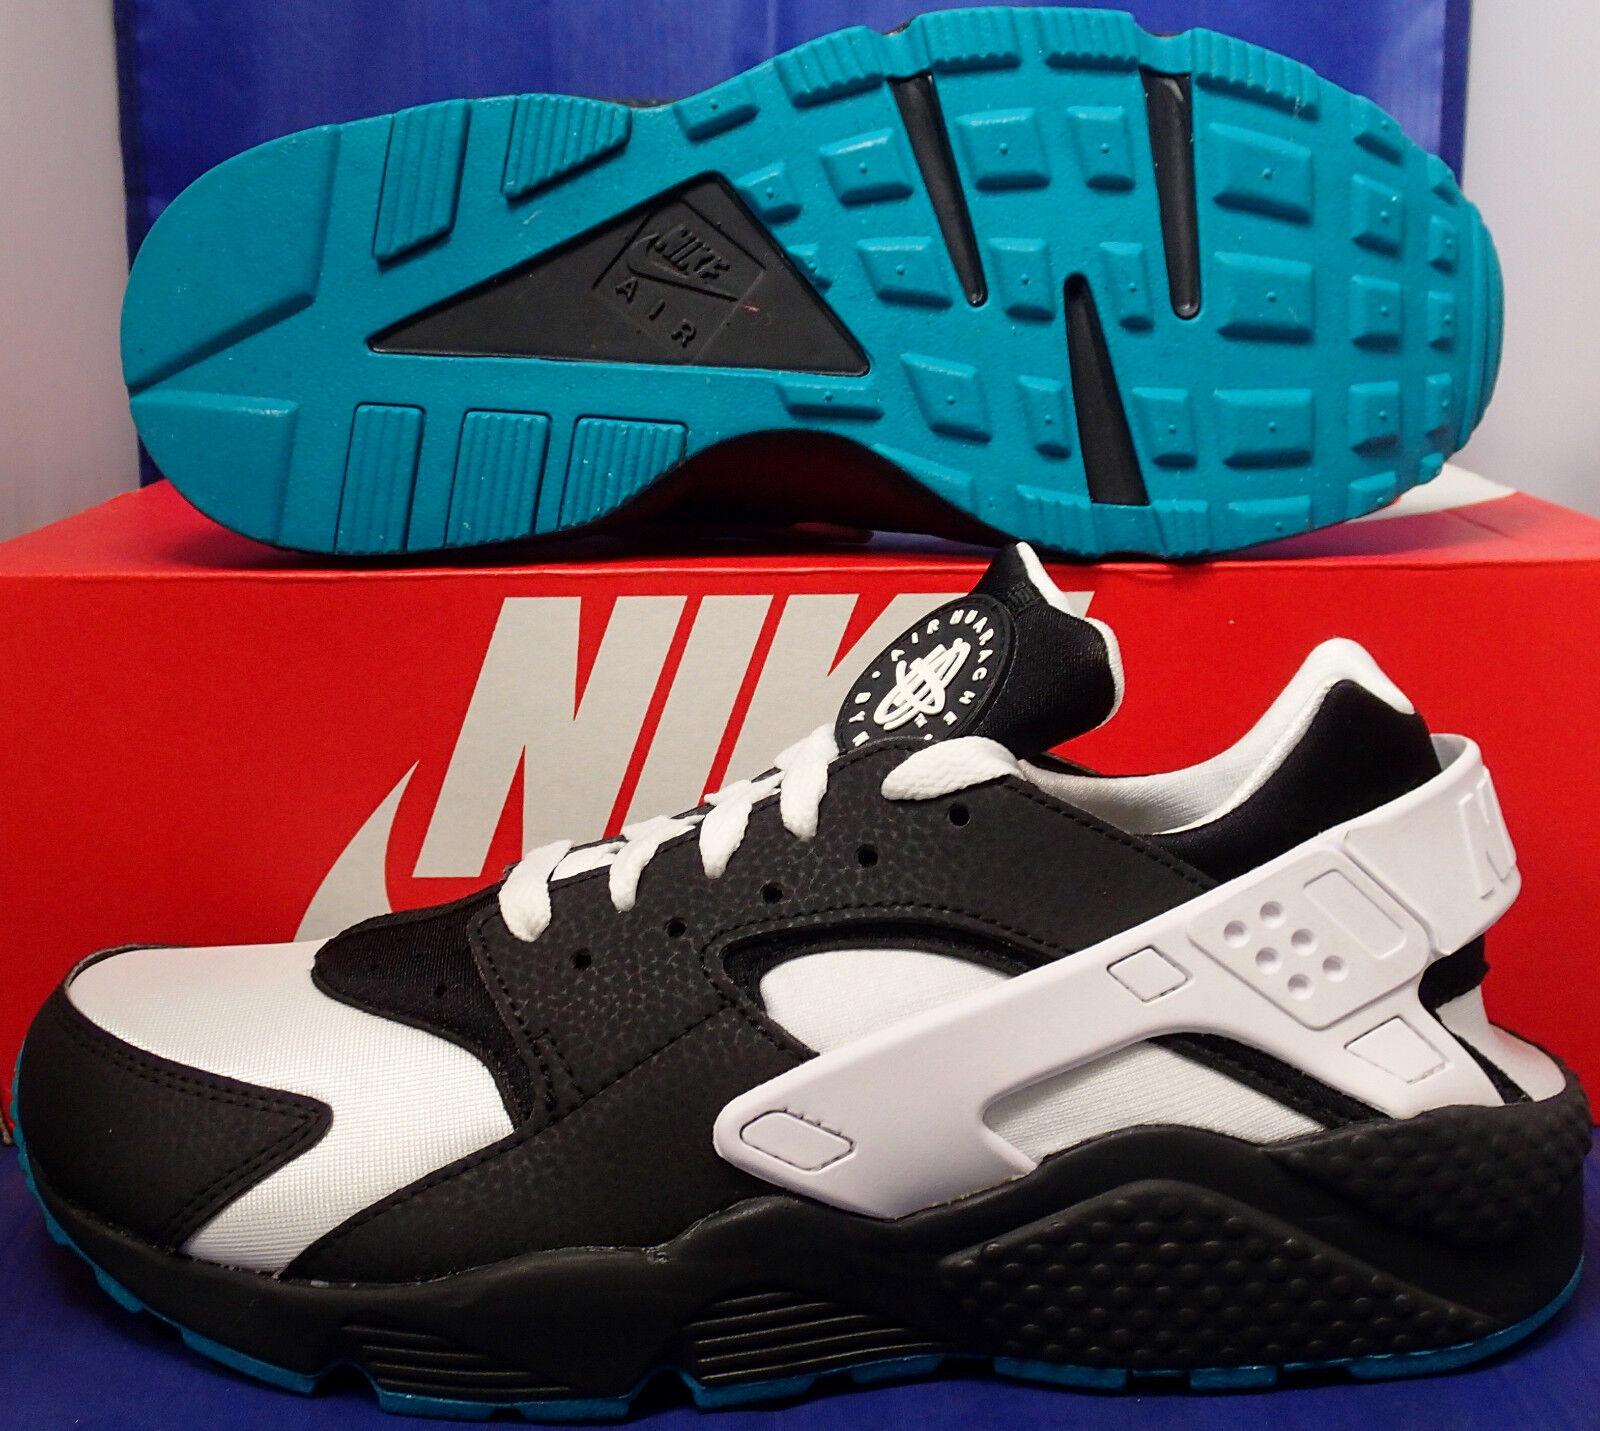 Nike SZ Air Huarache courir iD noir blanc Turquoise Bleu SZ Nike 8 ( 777330-999 ) c439cd